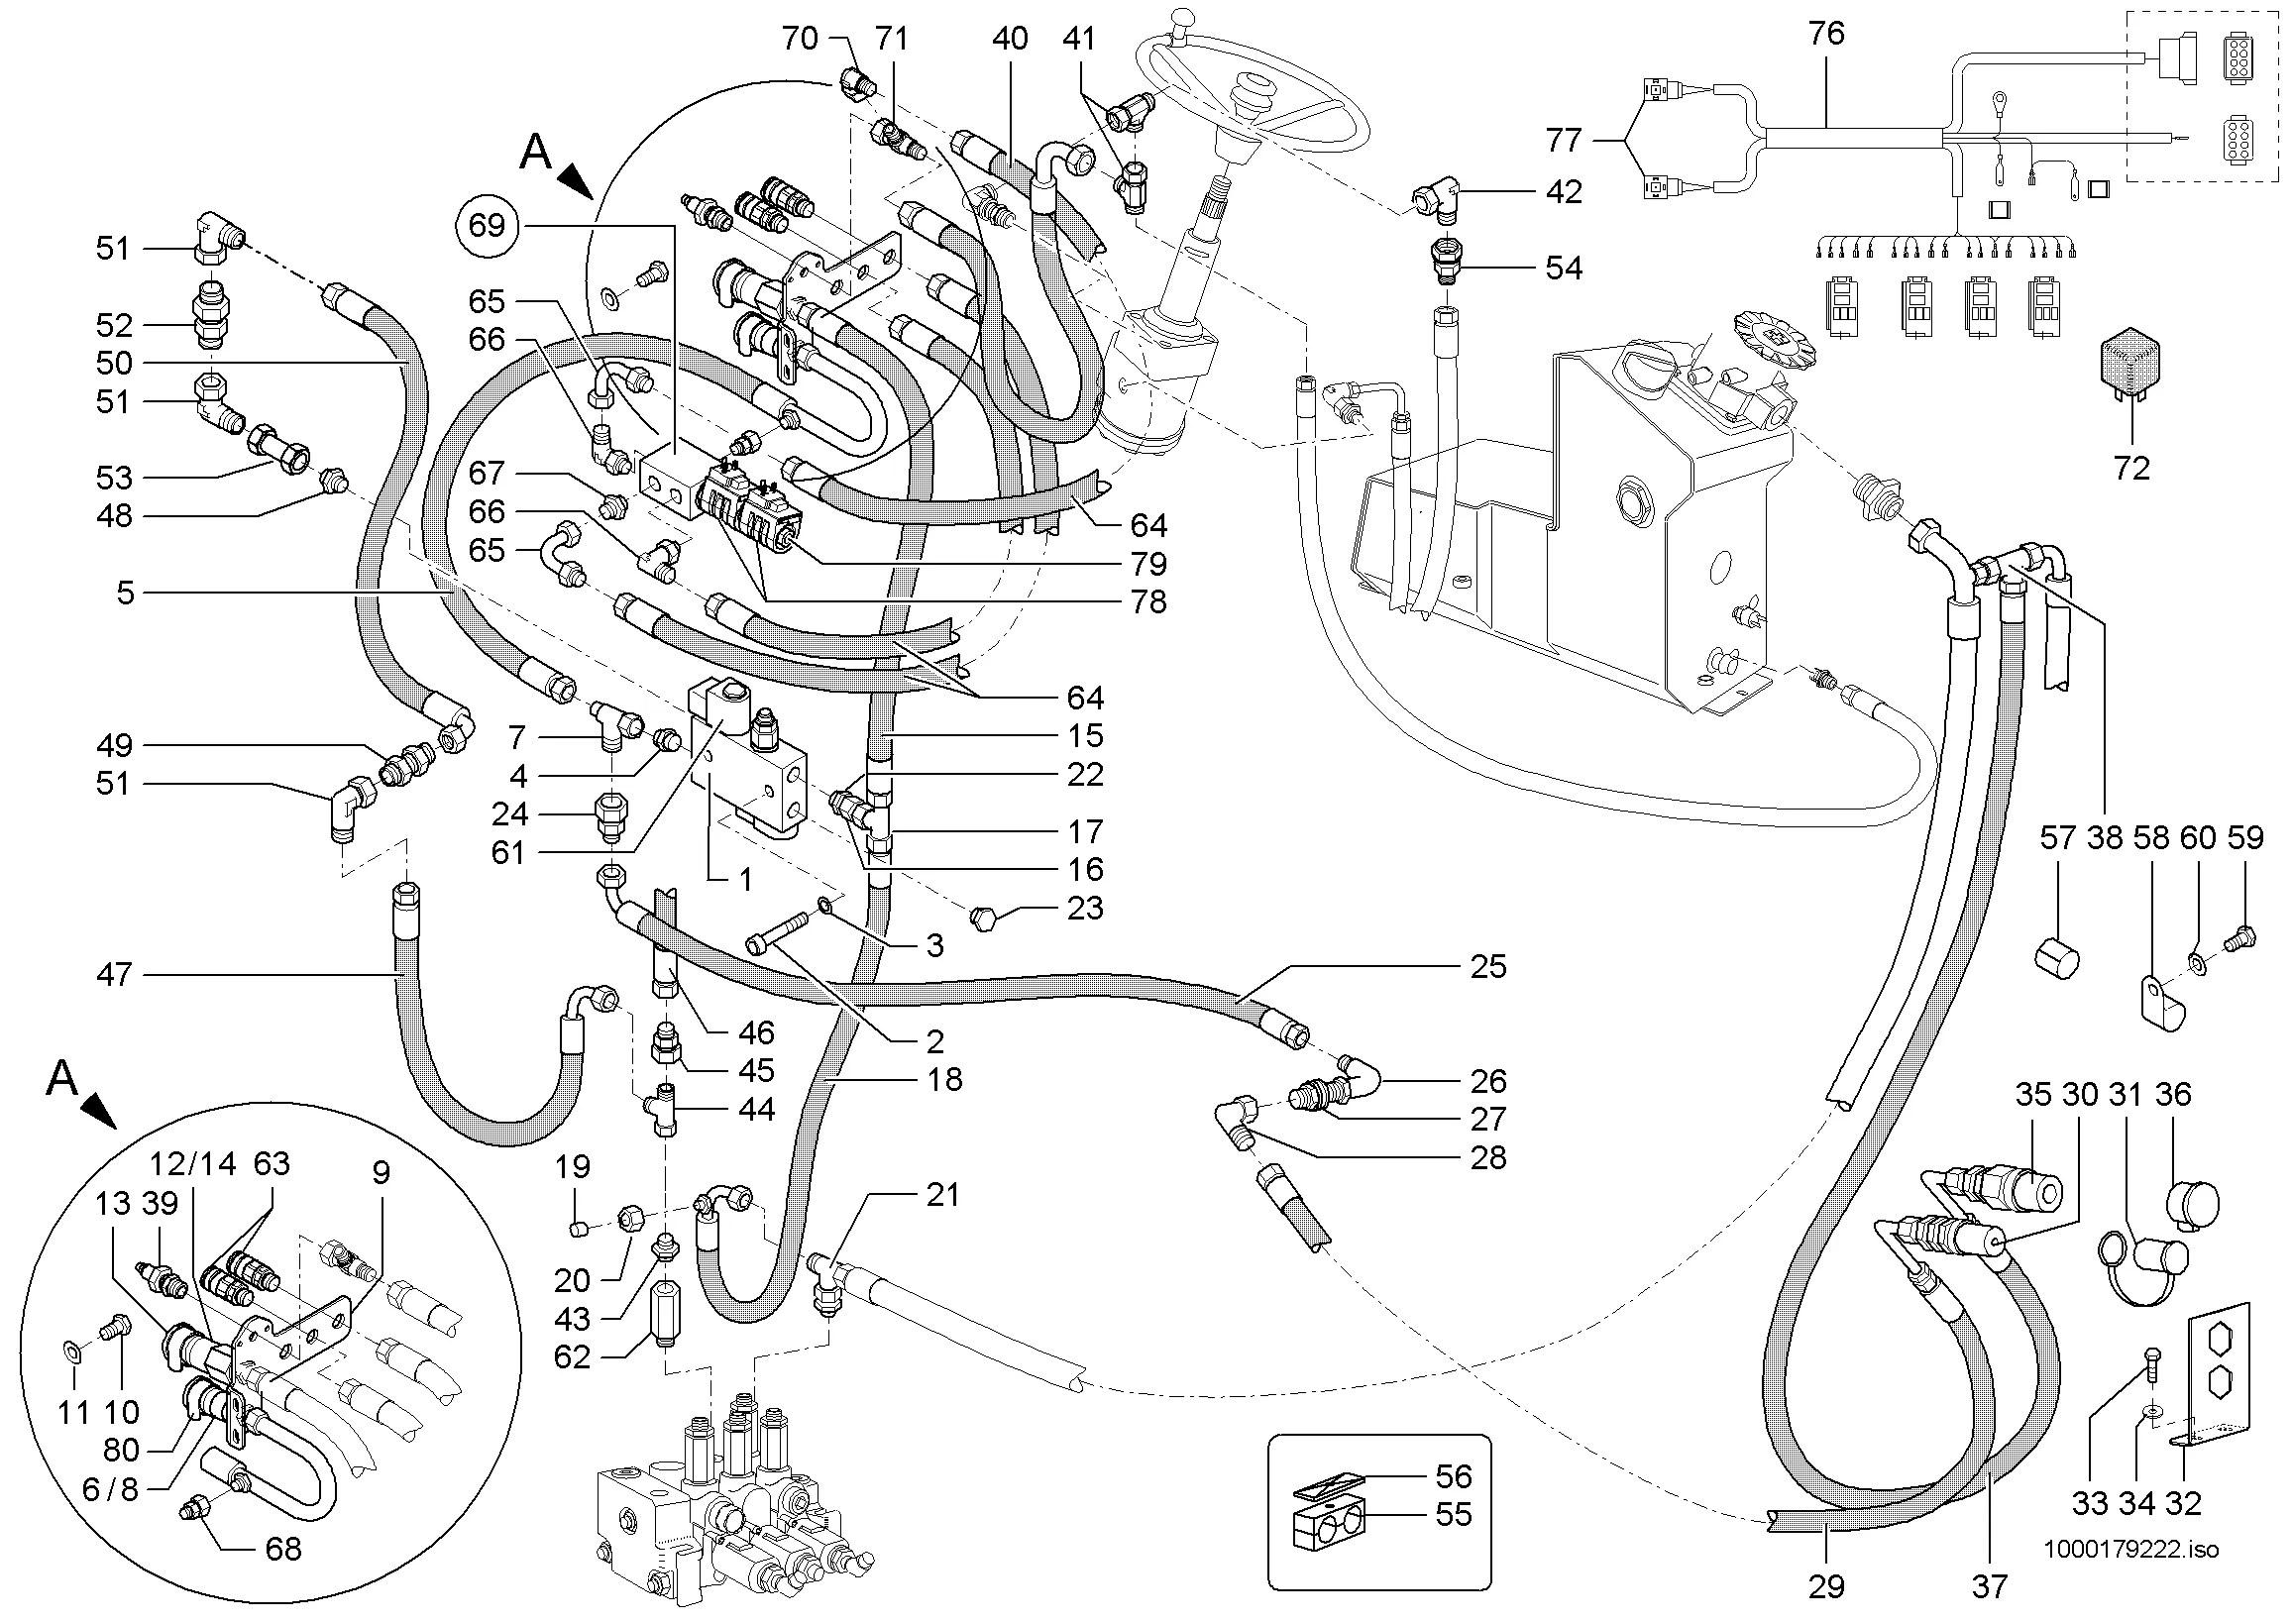 Gehl All-wheel-Steer Loader 280 918113-D Pièces Manuel